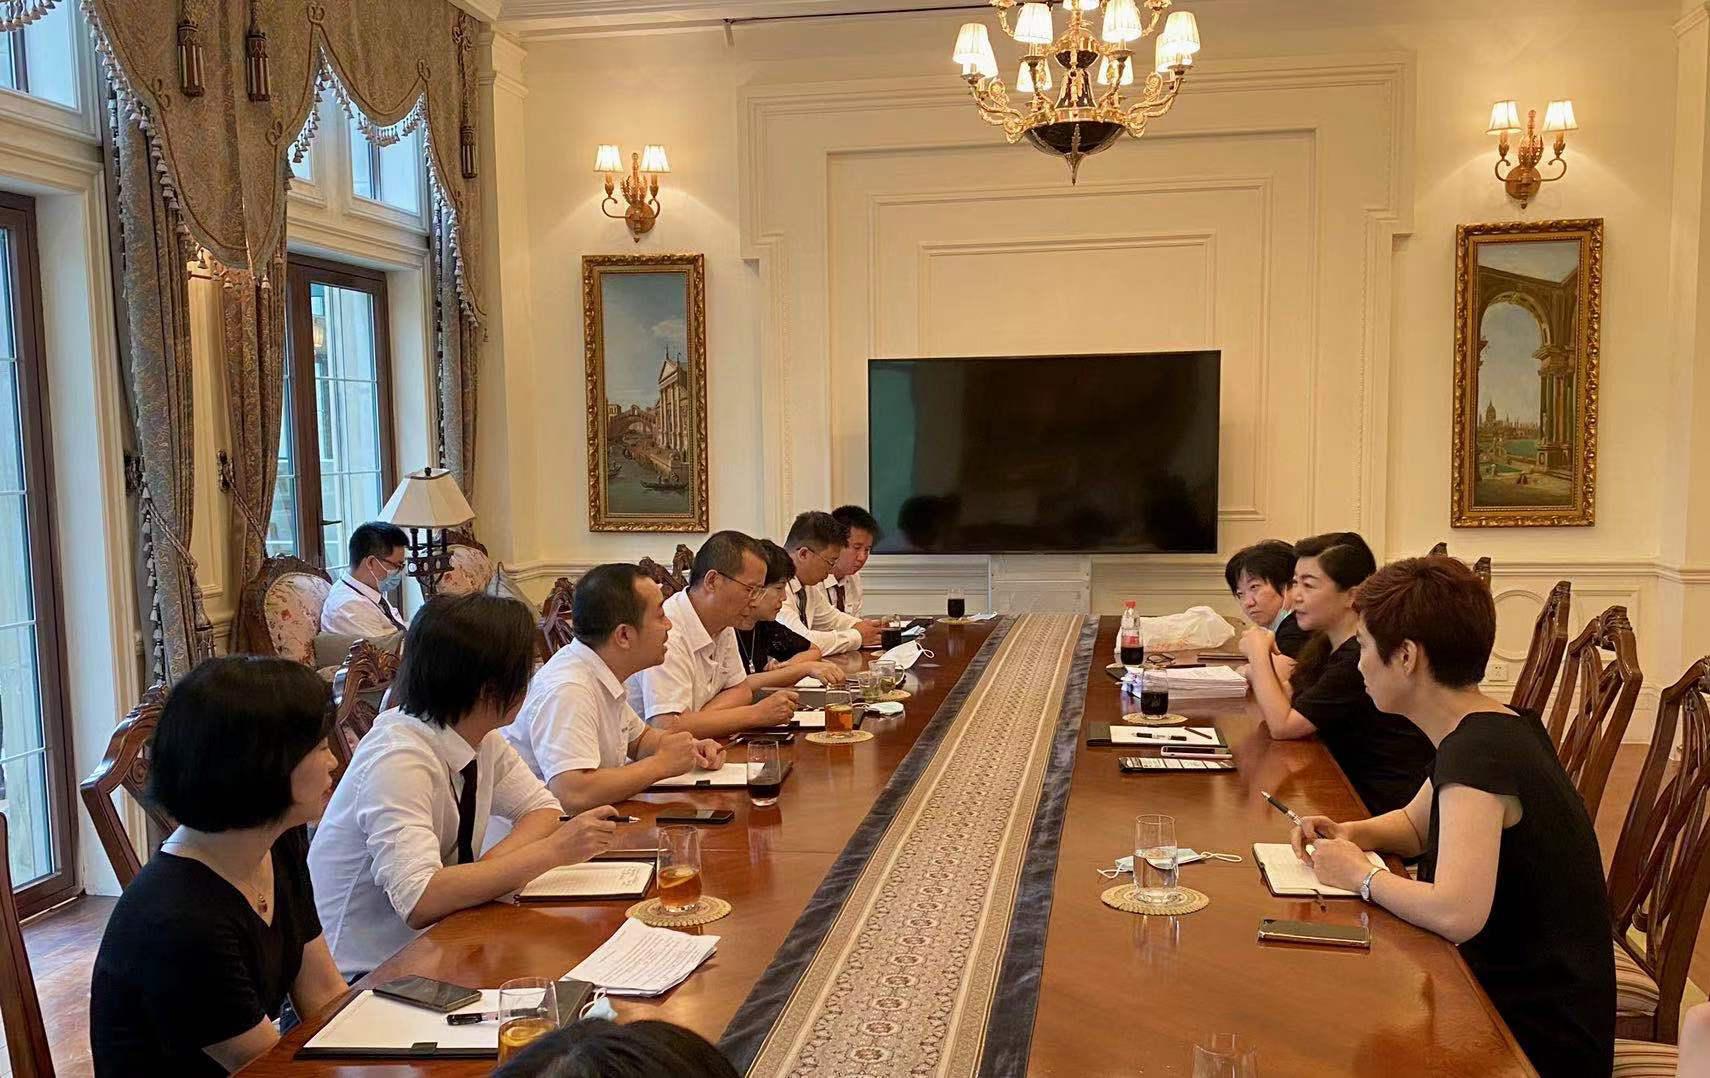 大陸希望集團常務副總裁劉海燕赴湖山春曉項目調研指導